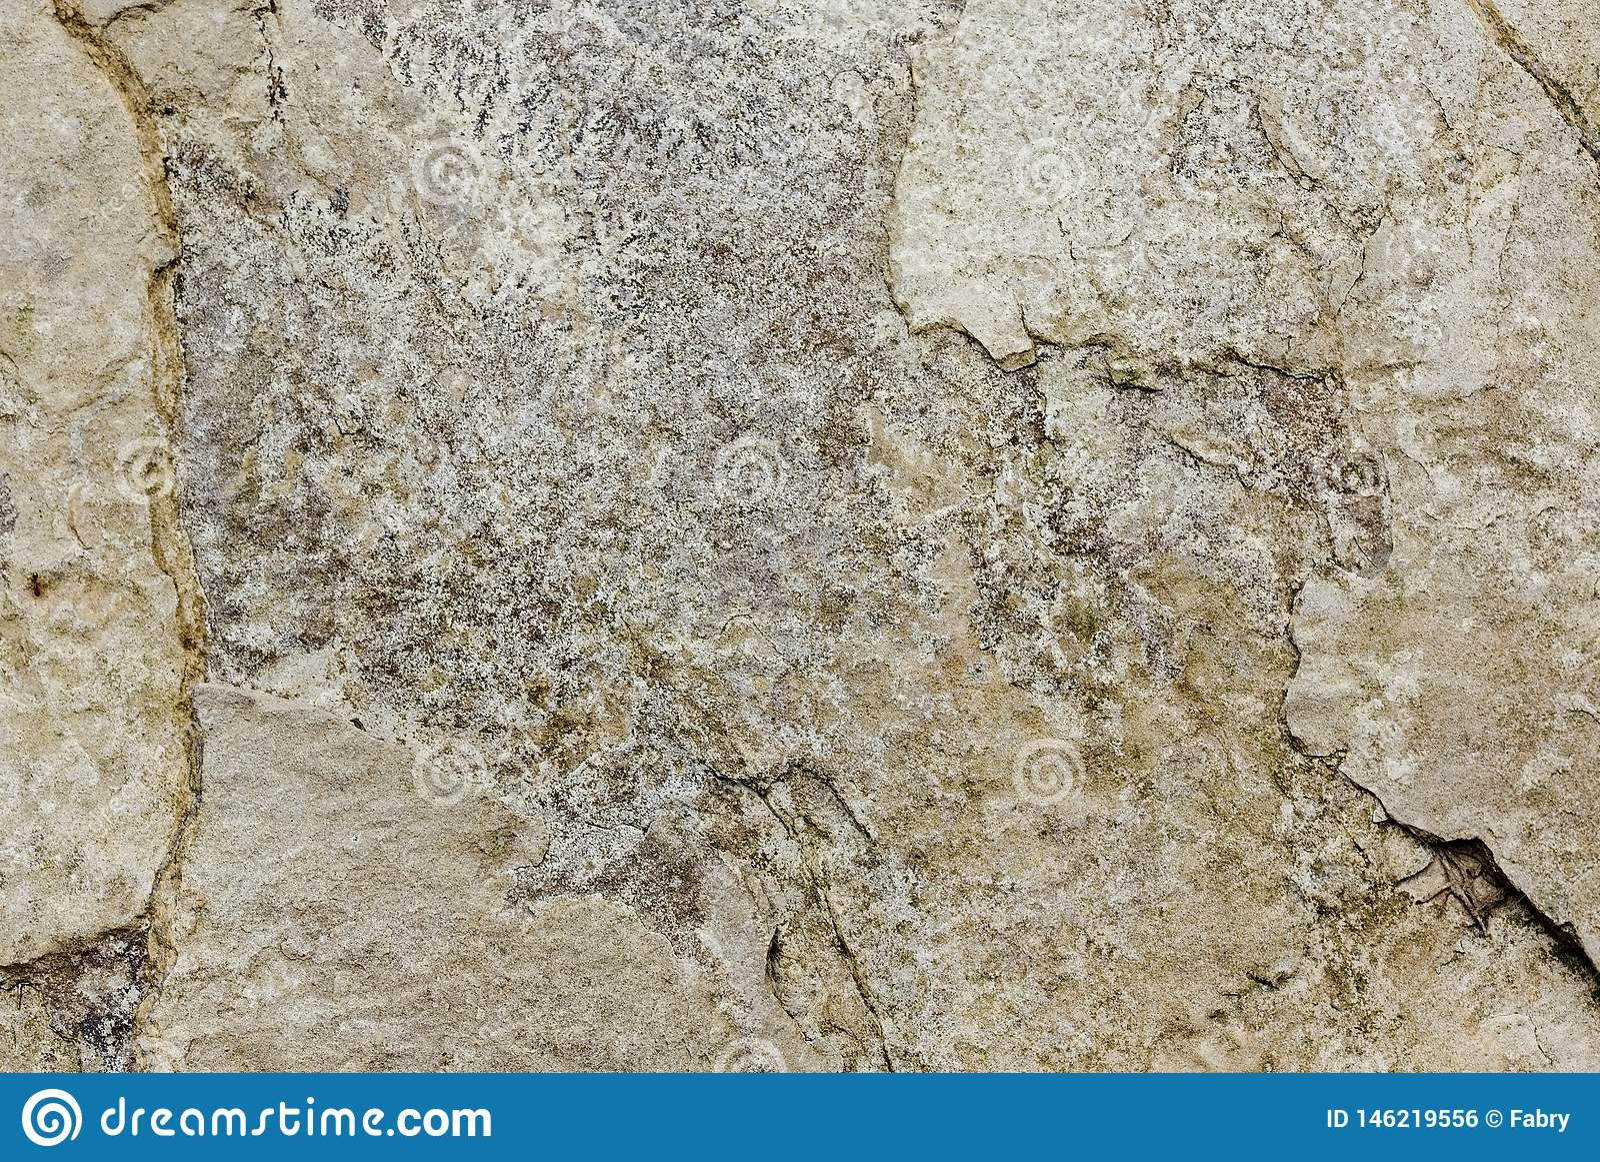 Деталь естественной каменной текстурированной поверхности